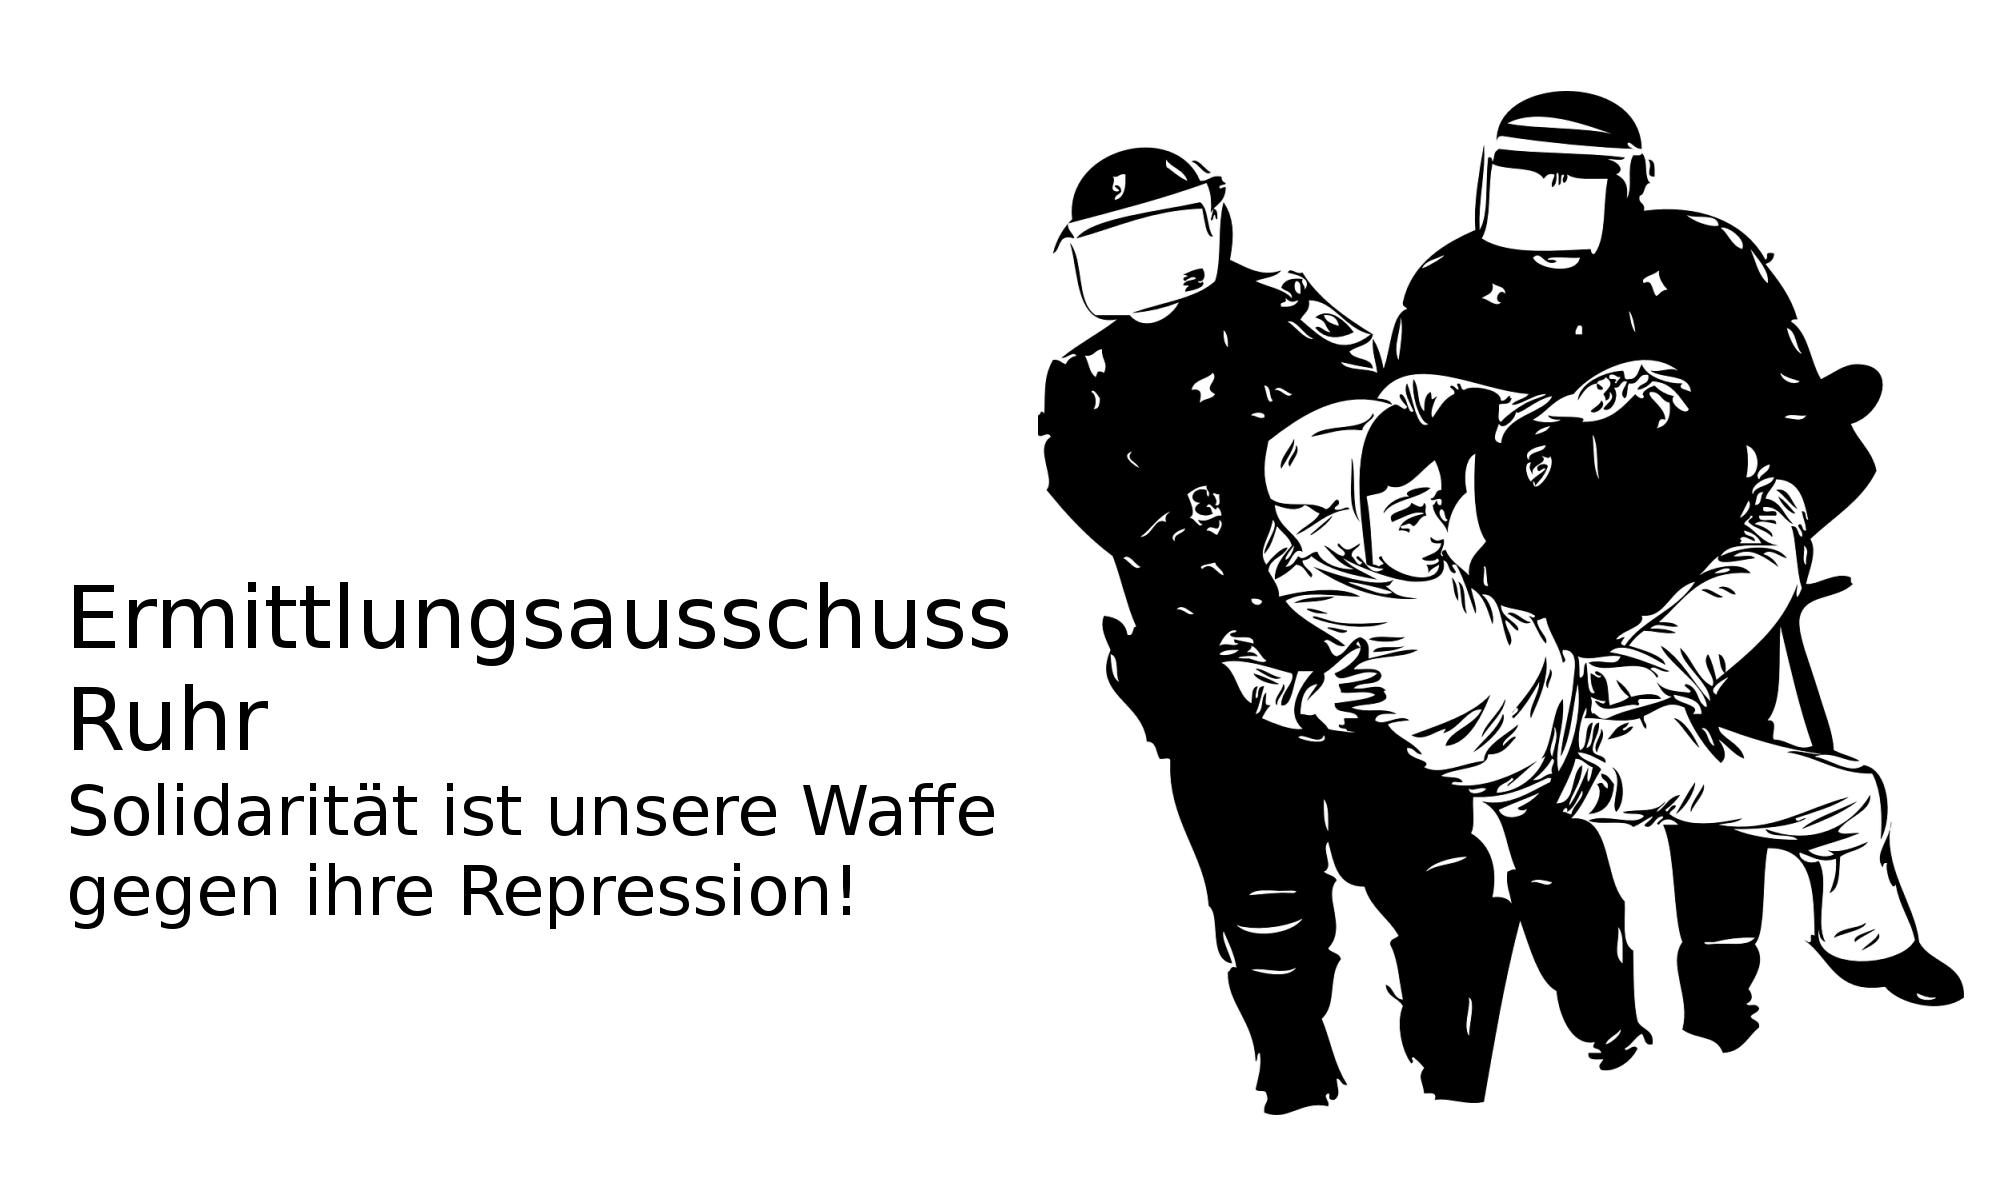 Der Ermittlungsausschuss Ruhr